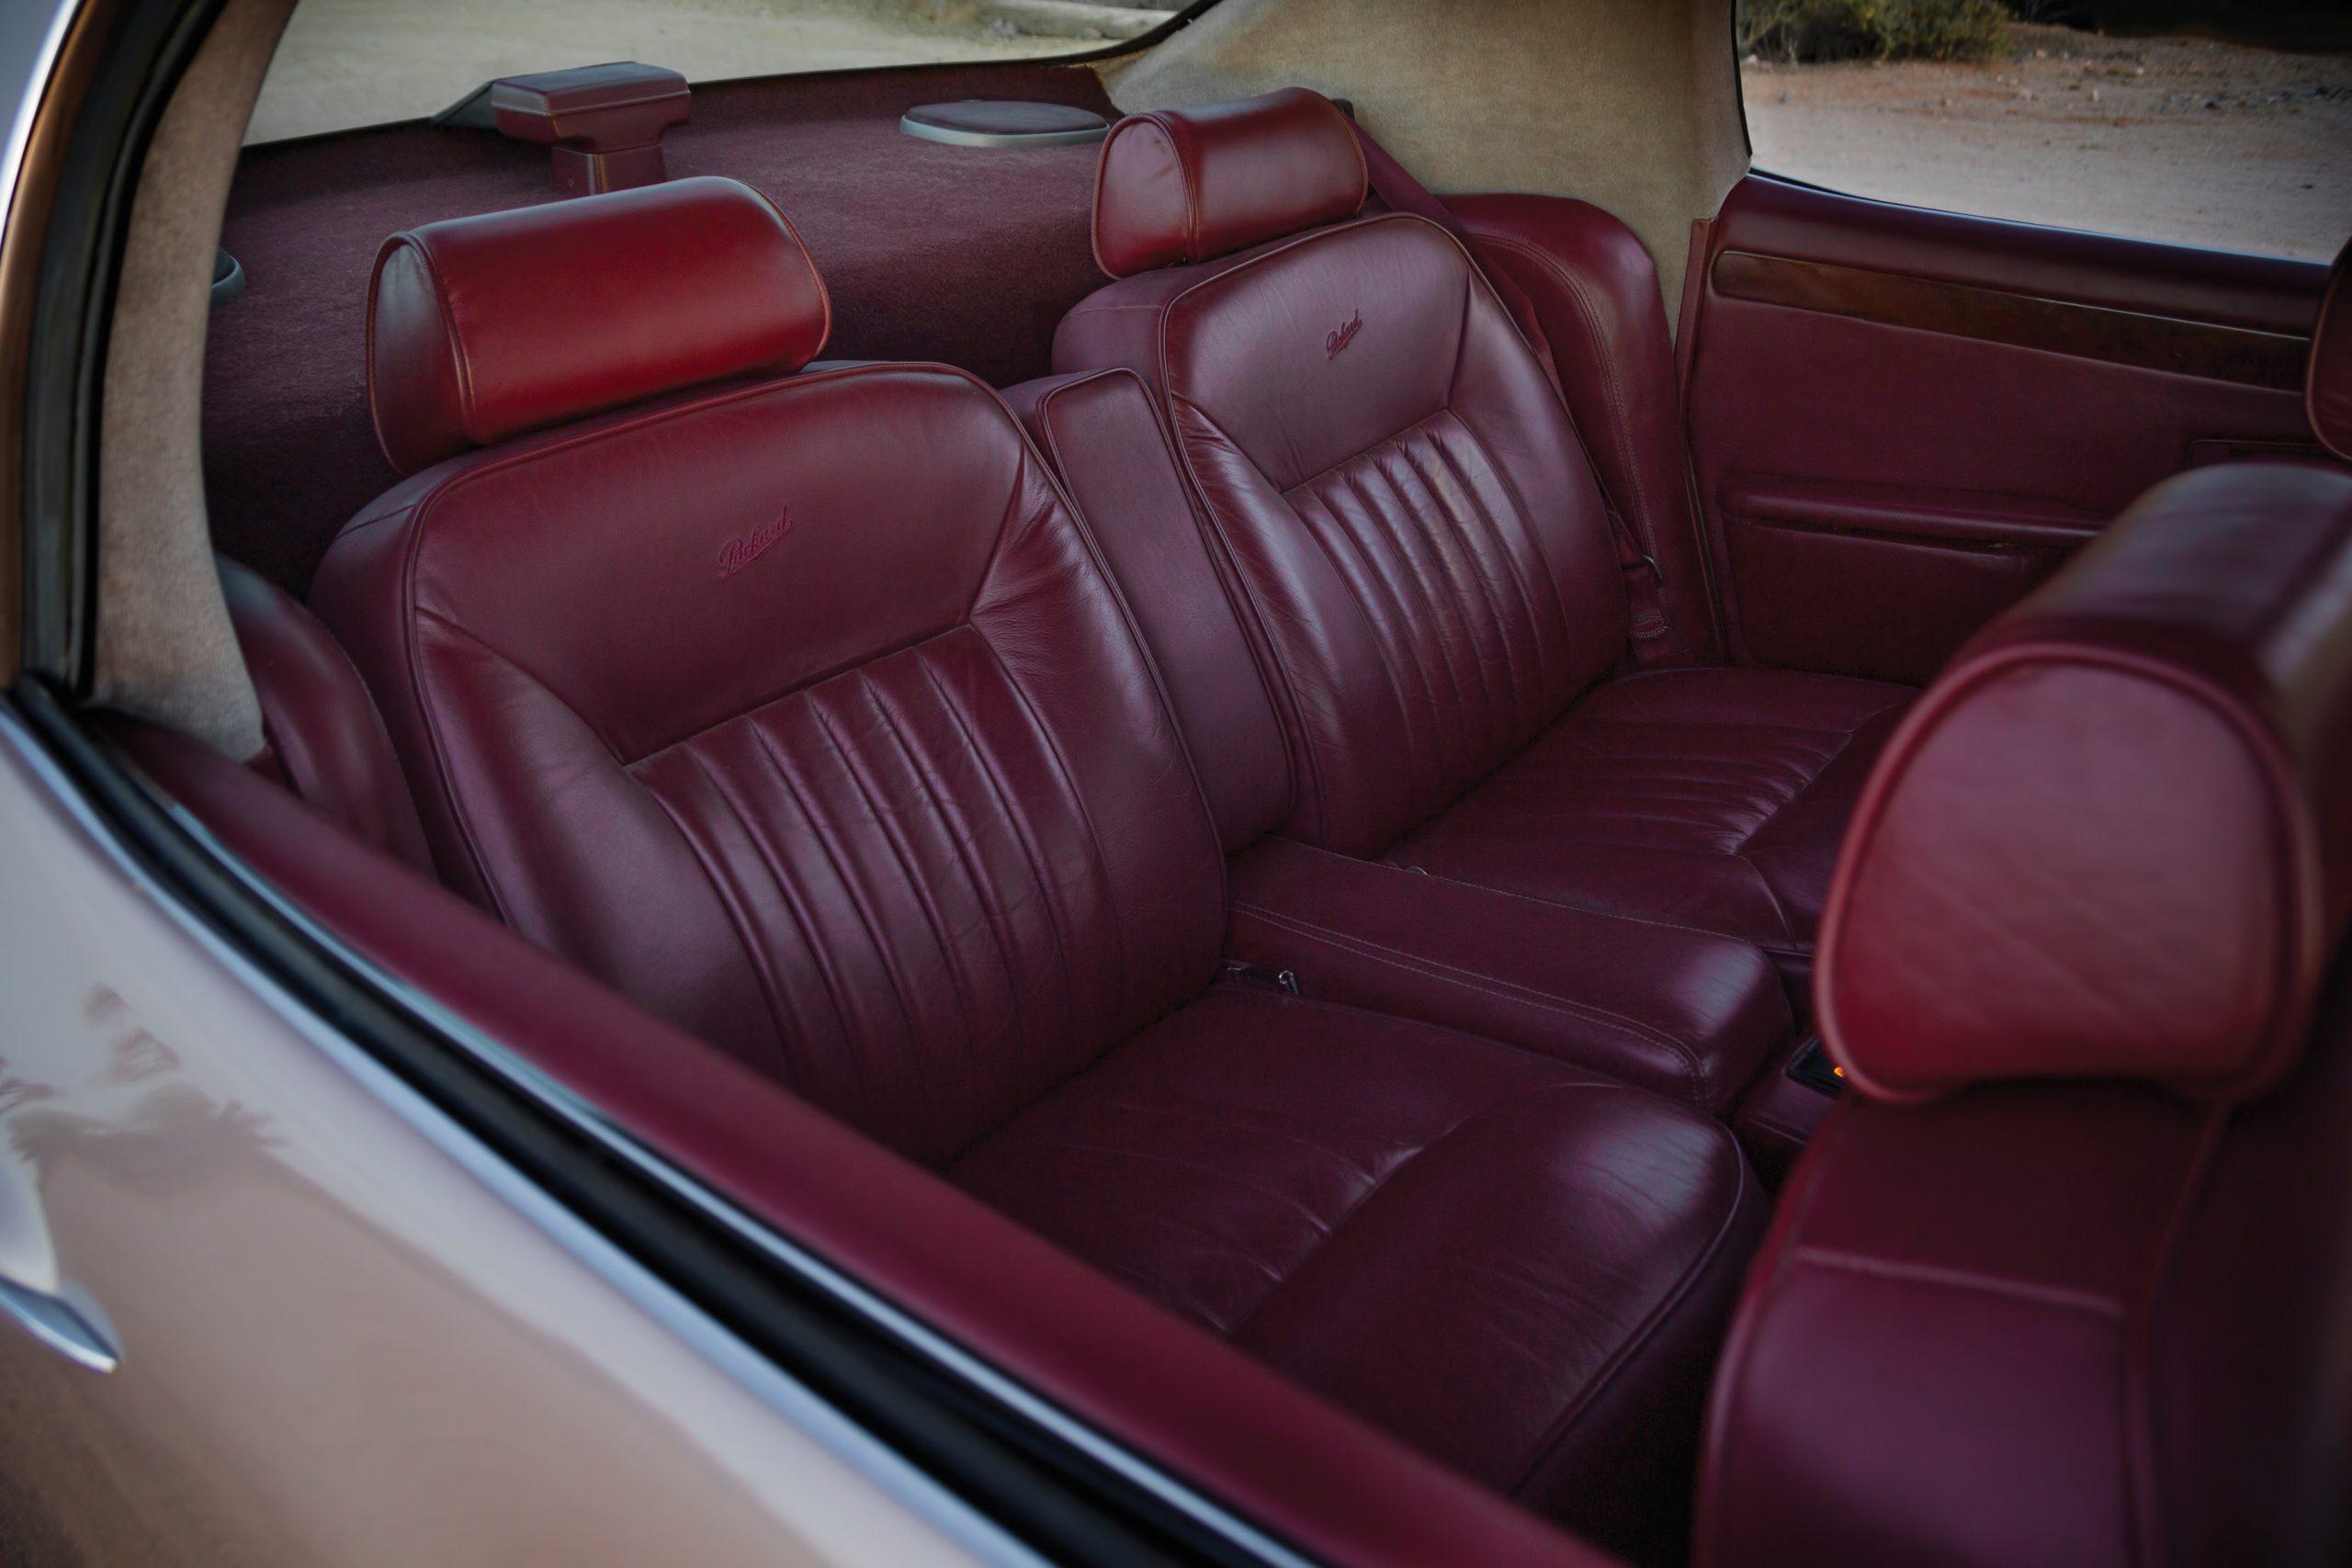 1999 Packard Twelve Prototype interior rear seats